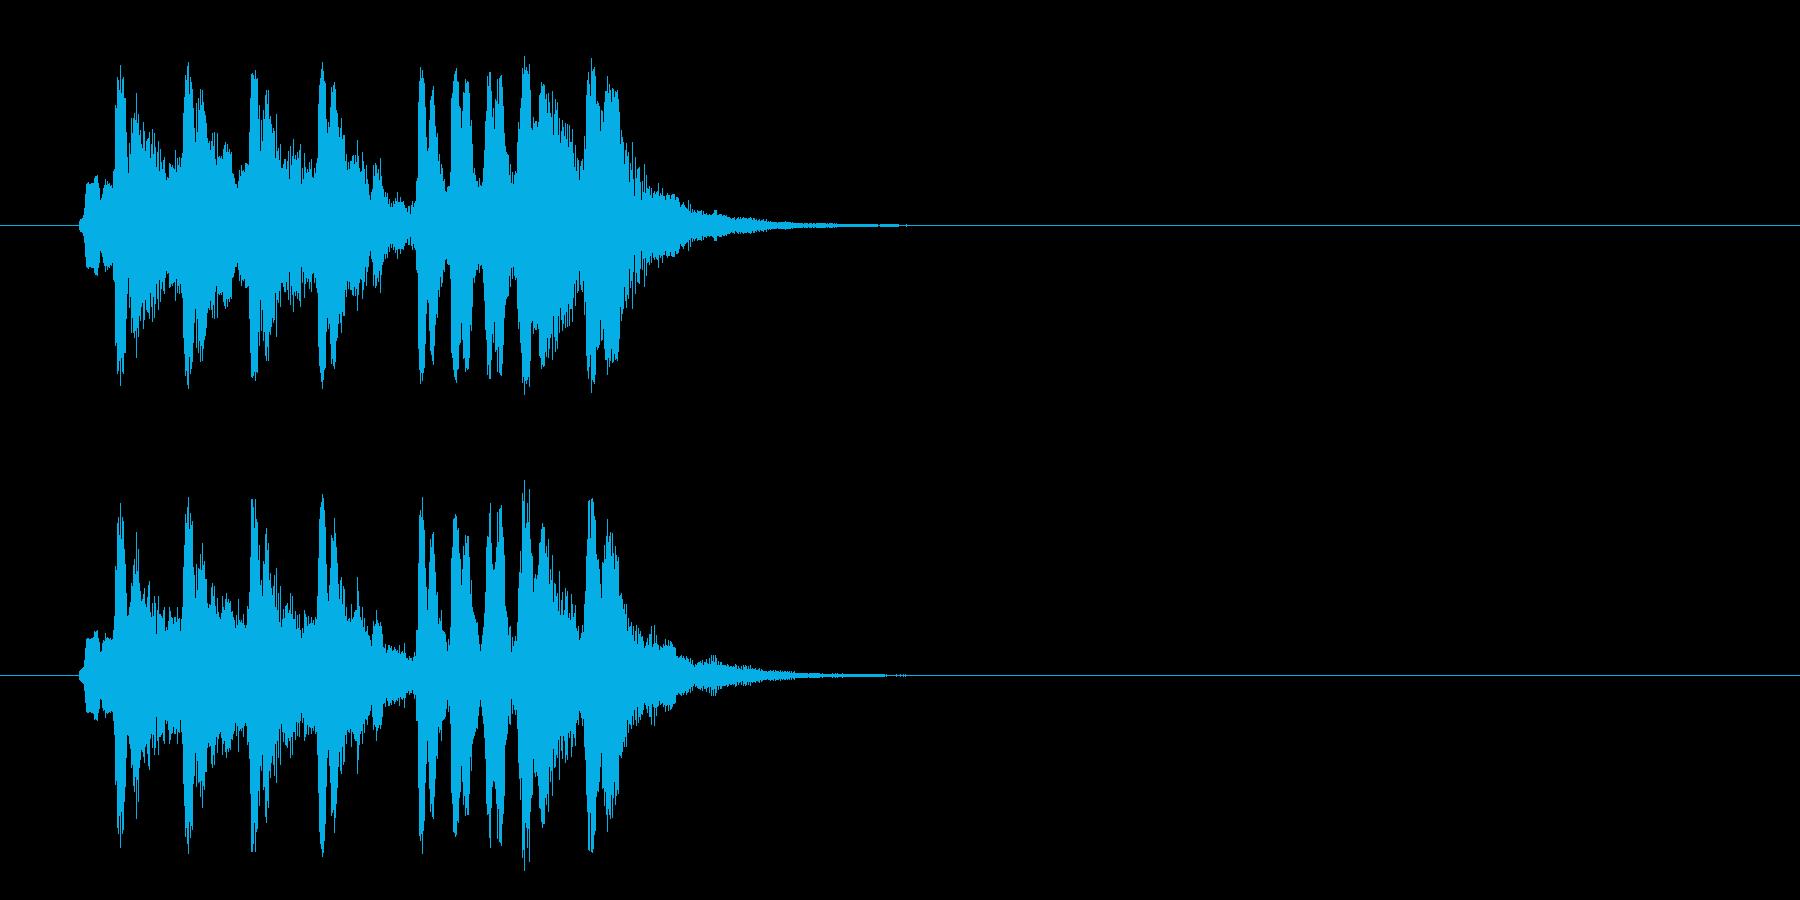 ジングル/かわいいセミクラ(コミカル)の再生済みの波形